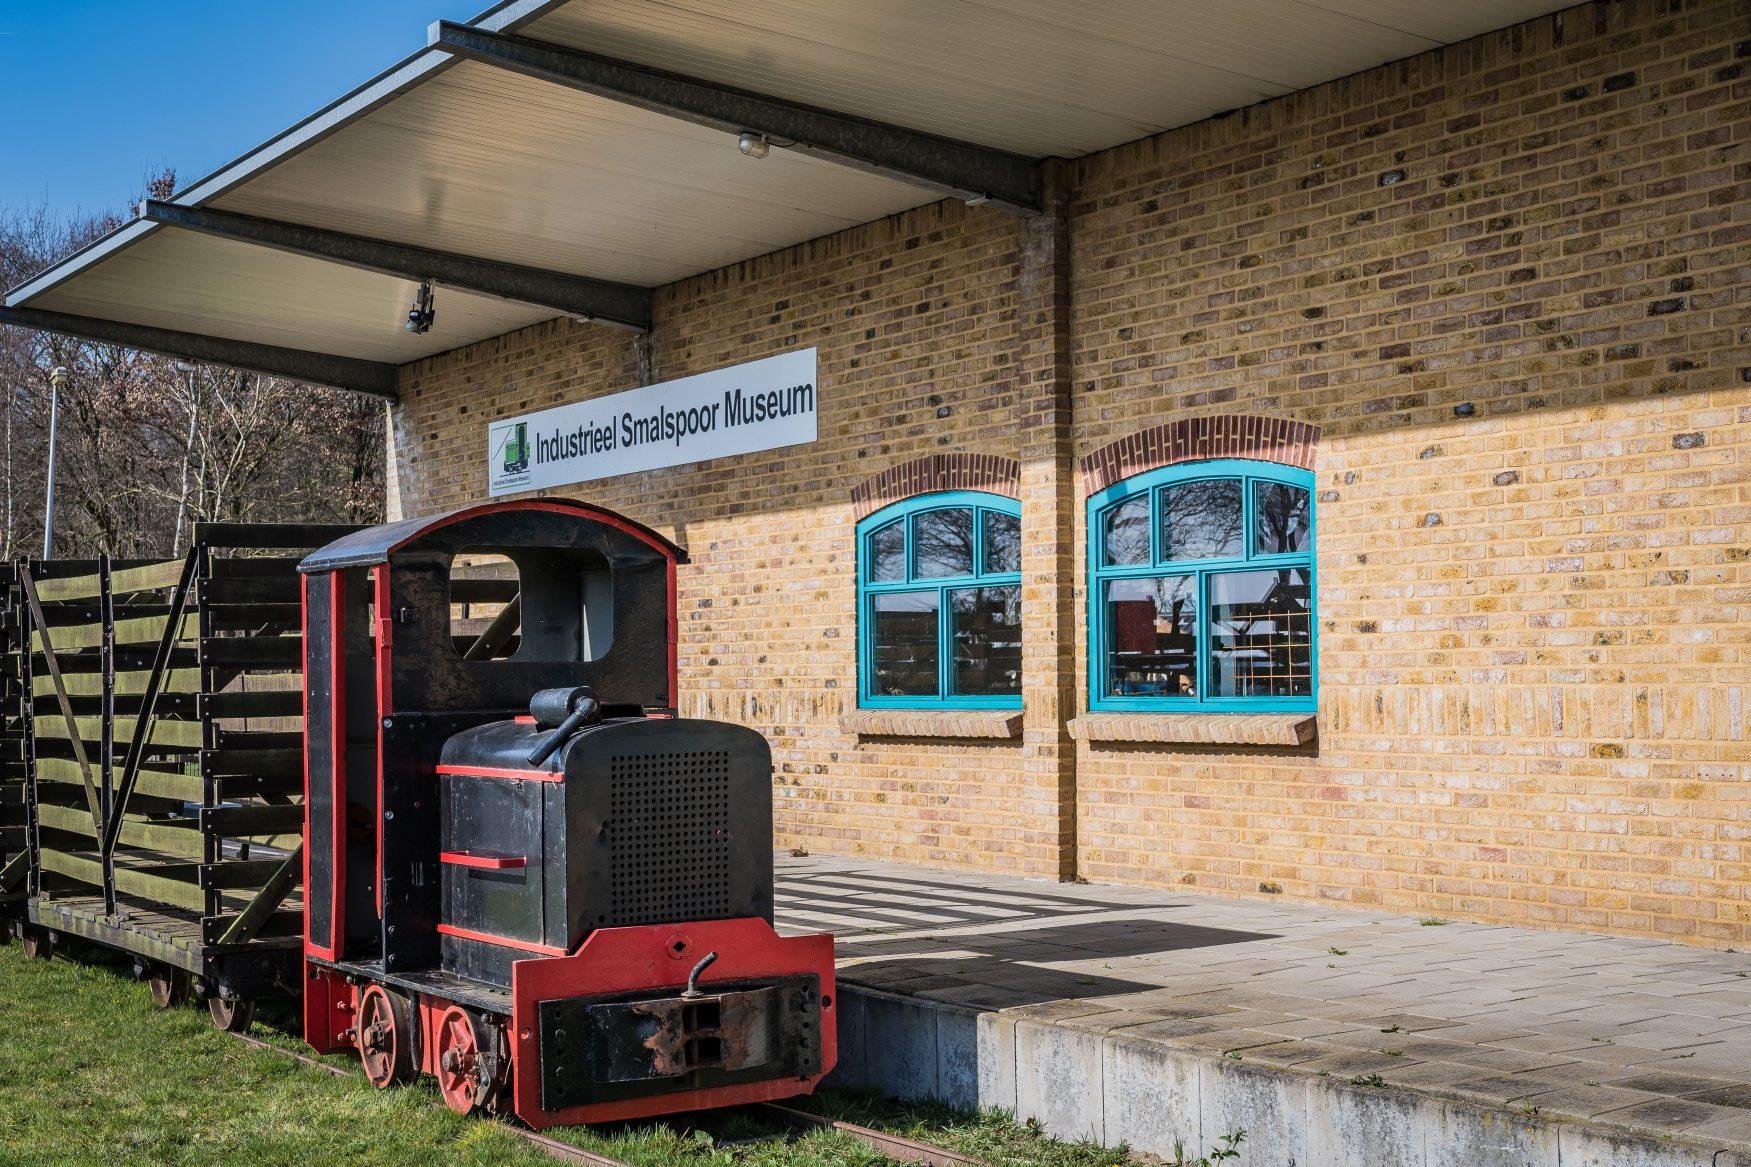 Industrieel Smalspoor Museum in Erica (NL) - Veenpforten 040 ©Naturpark Moor-Veenland, Anja Poker